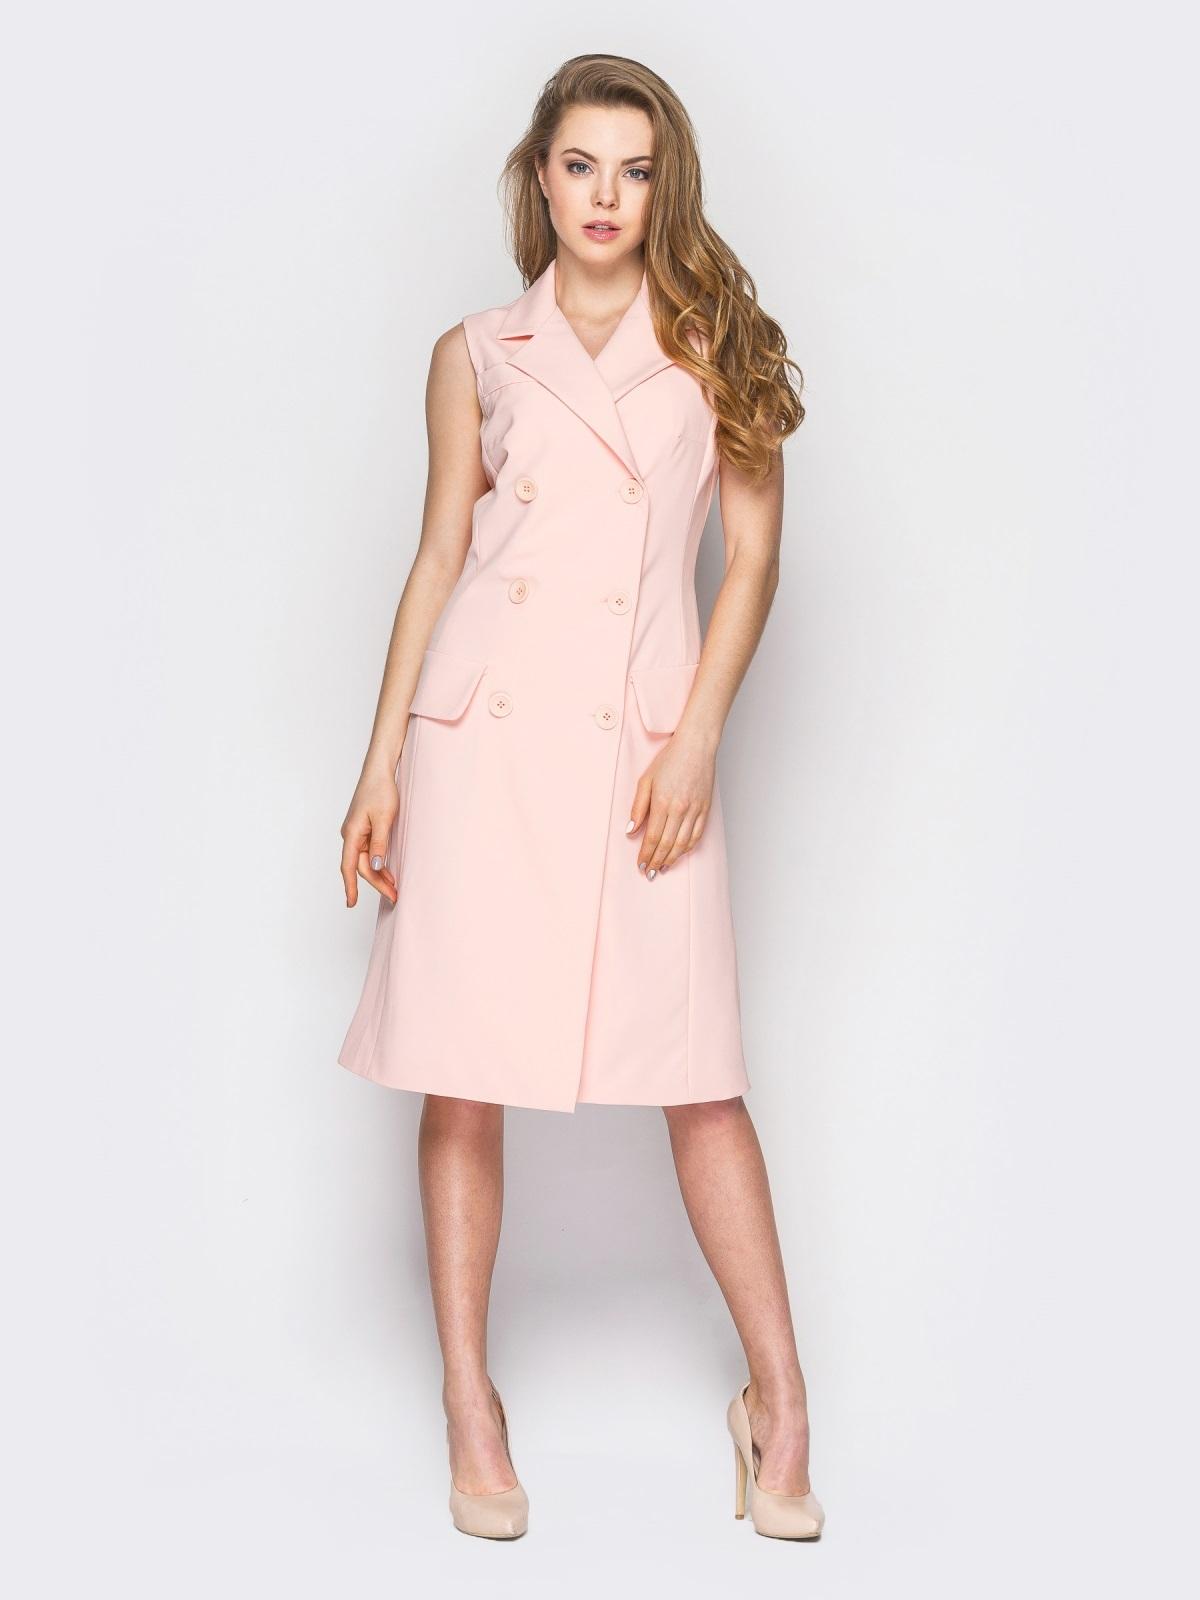 Короткое платье-халат на запах